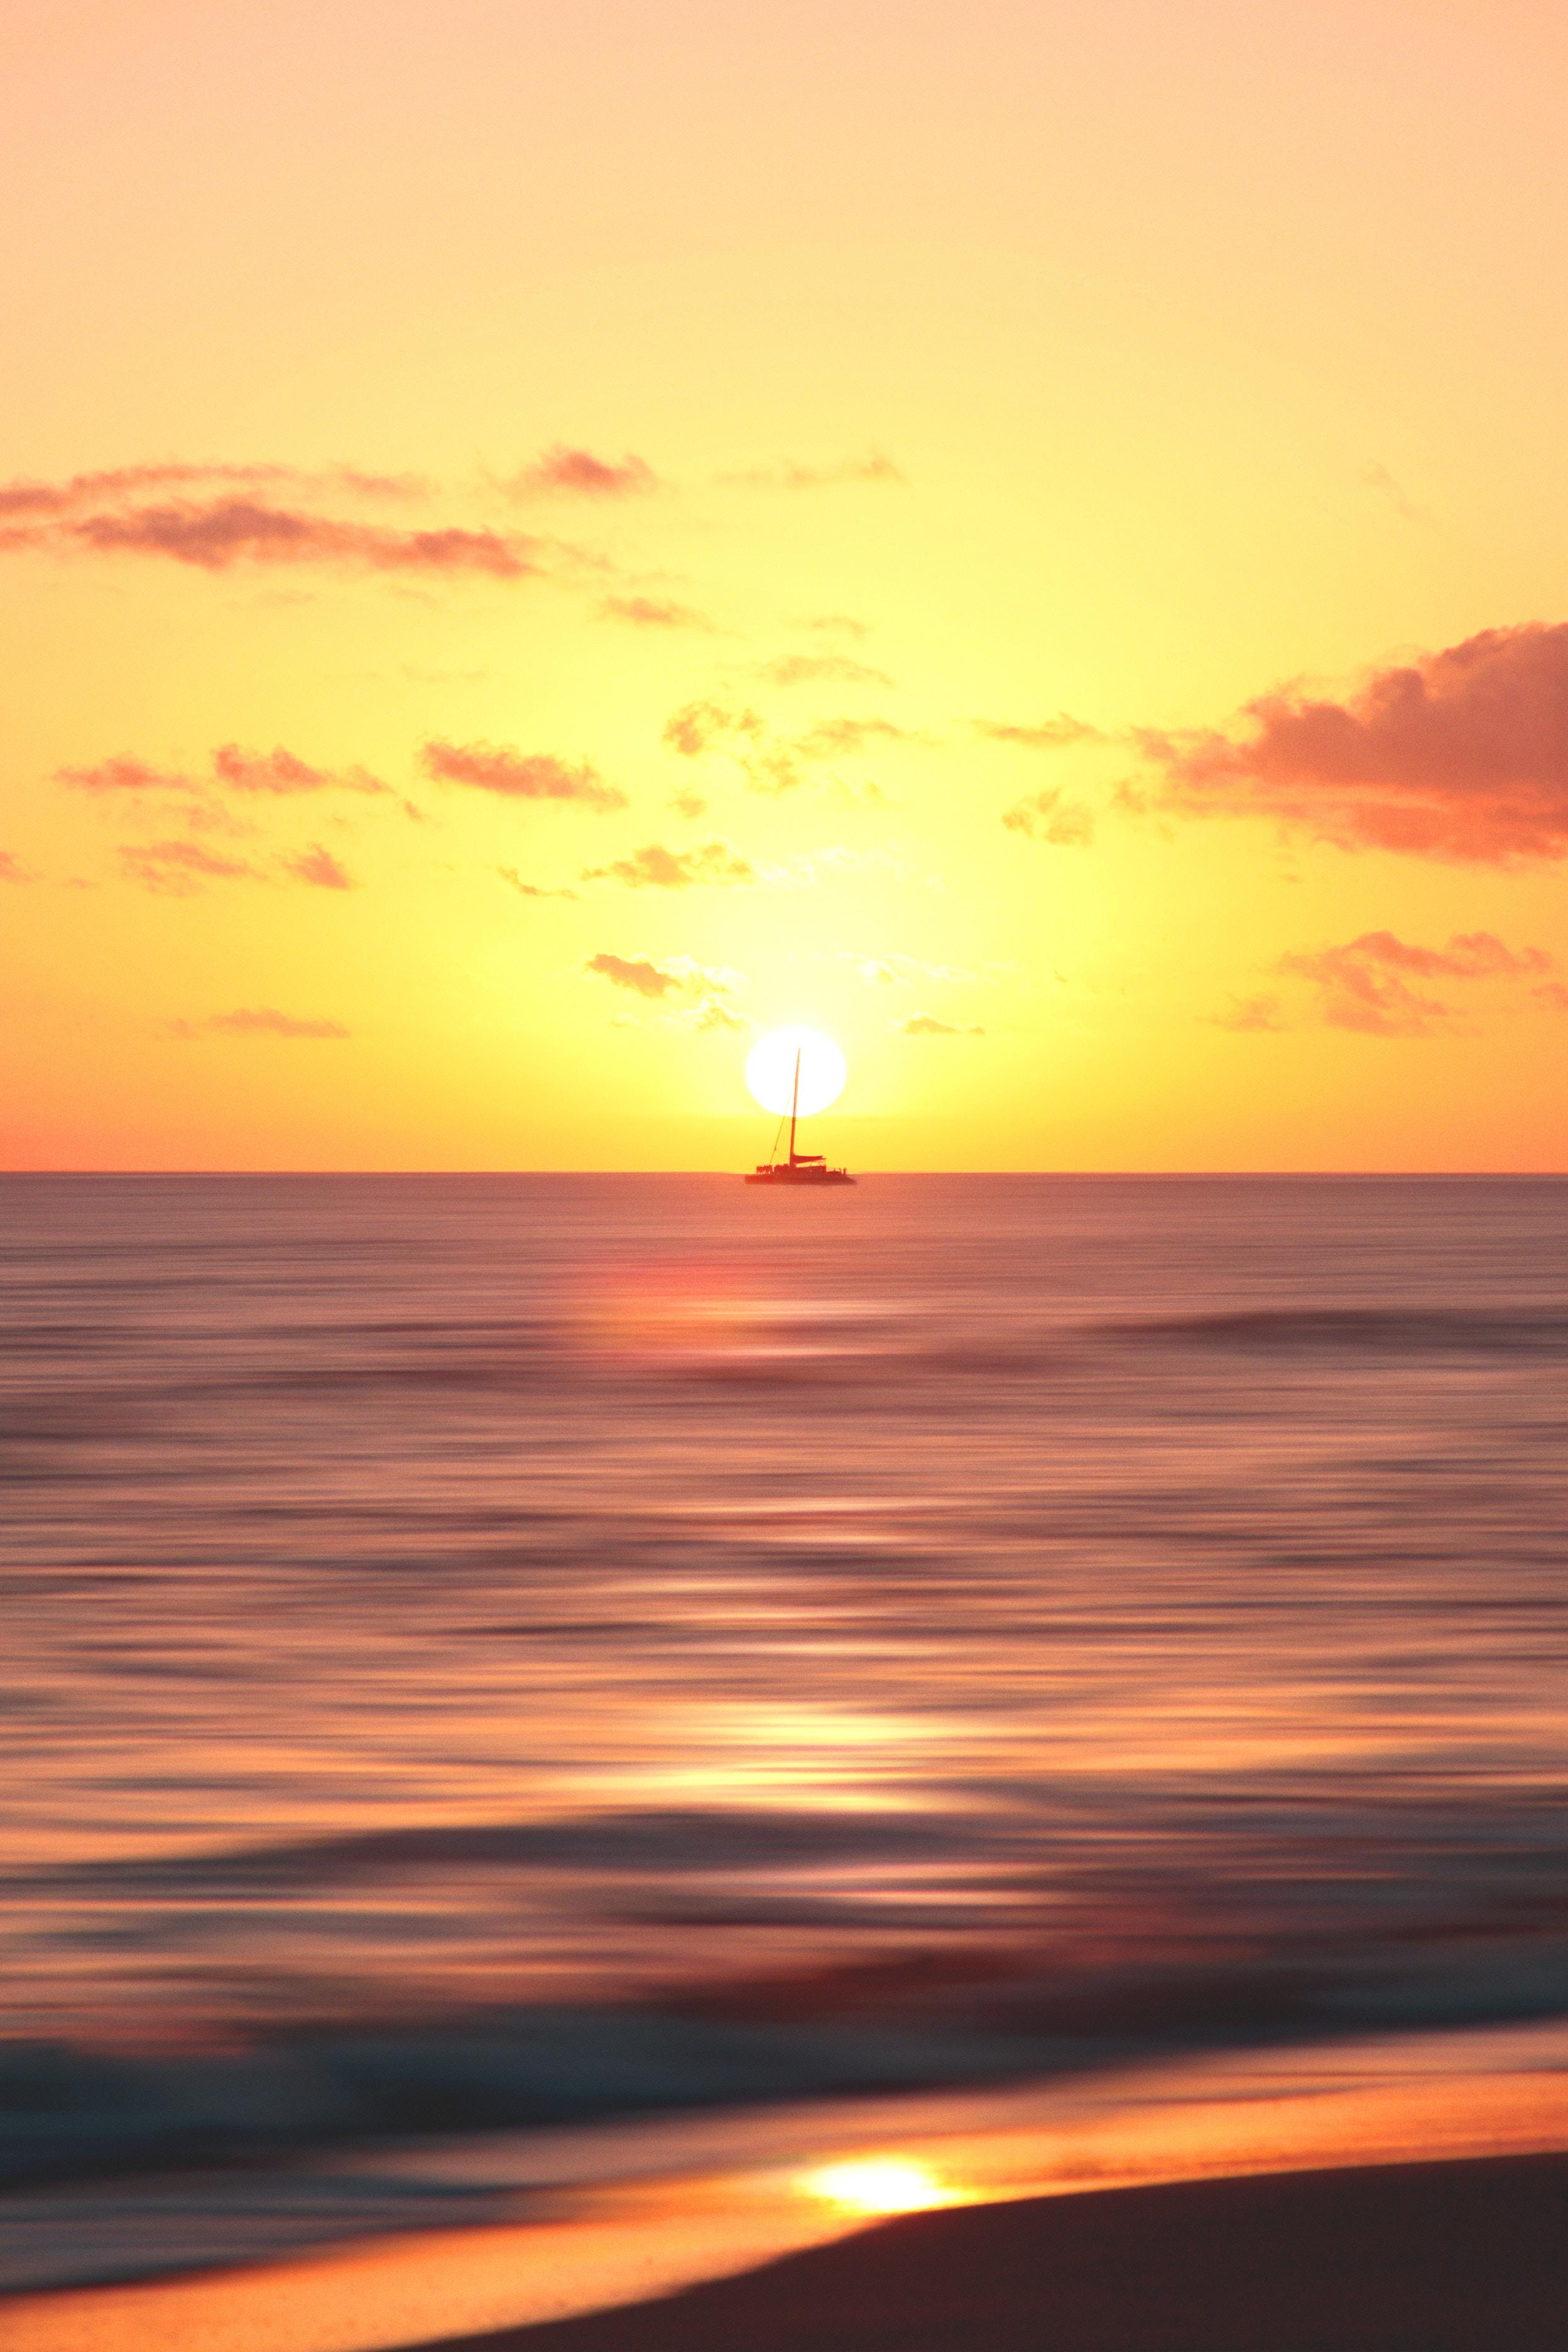 schiff horizont